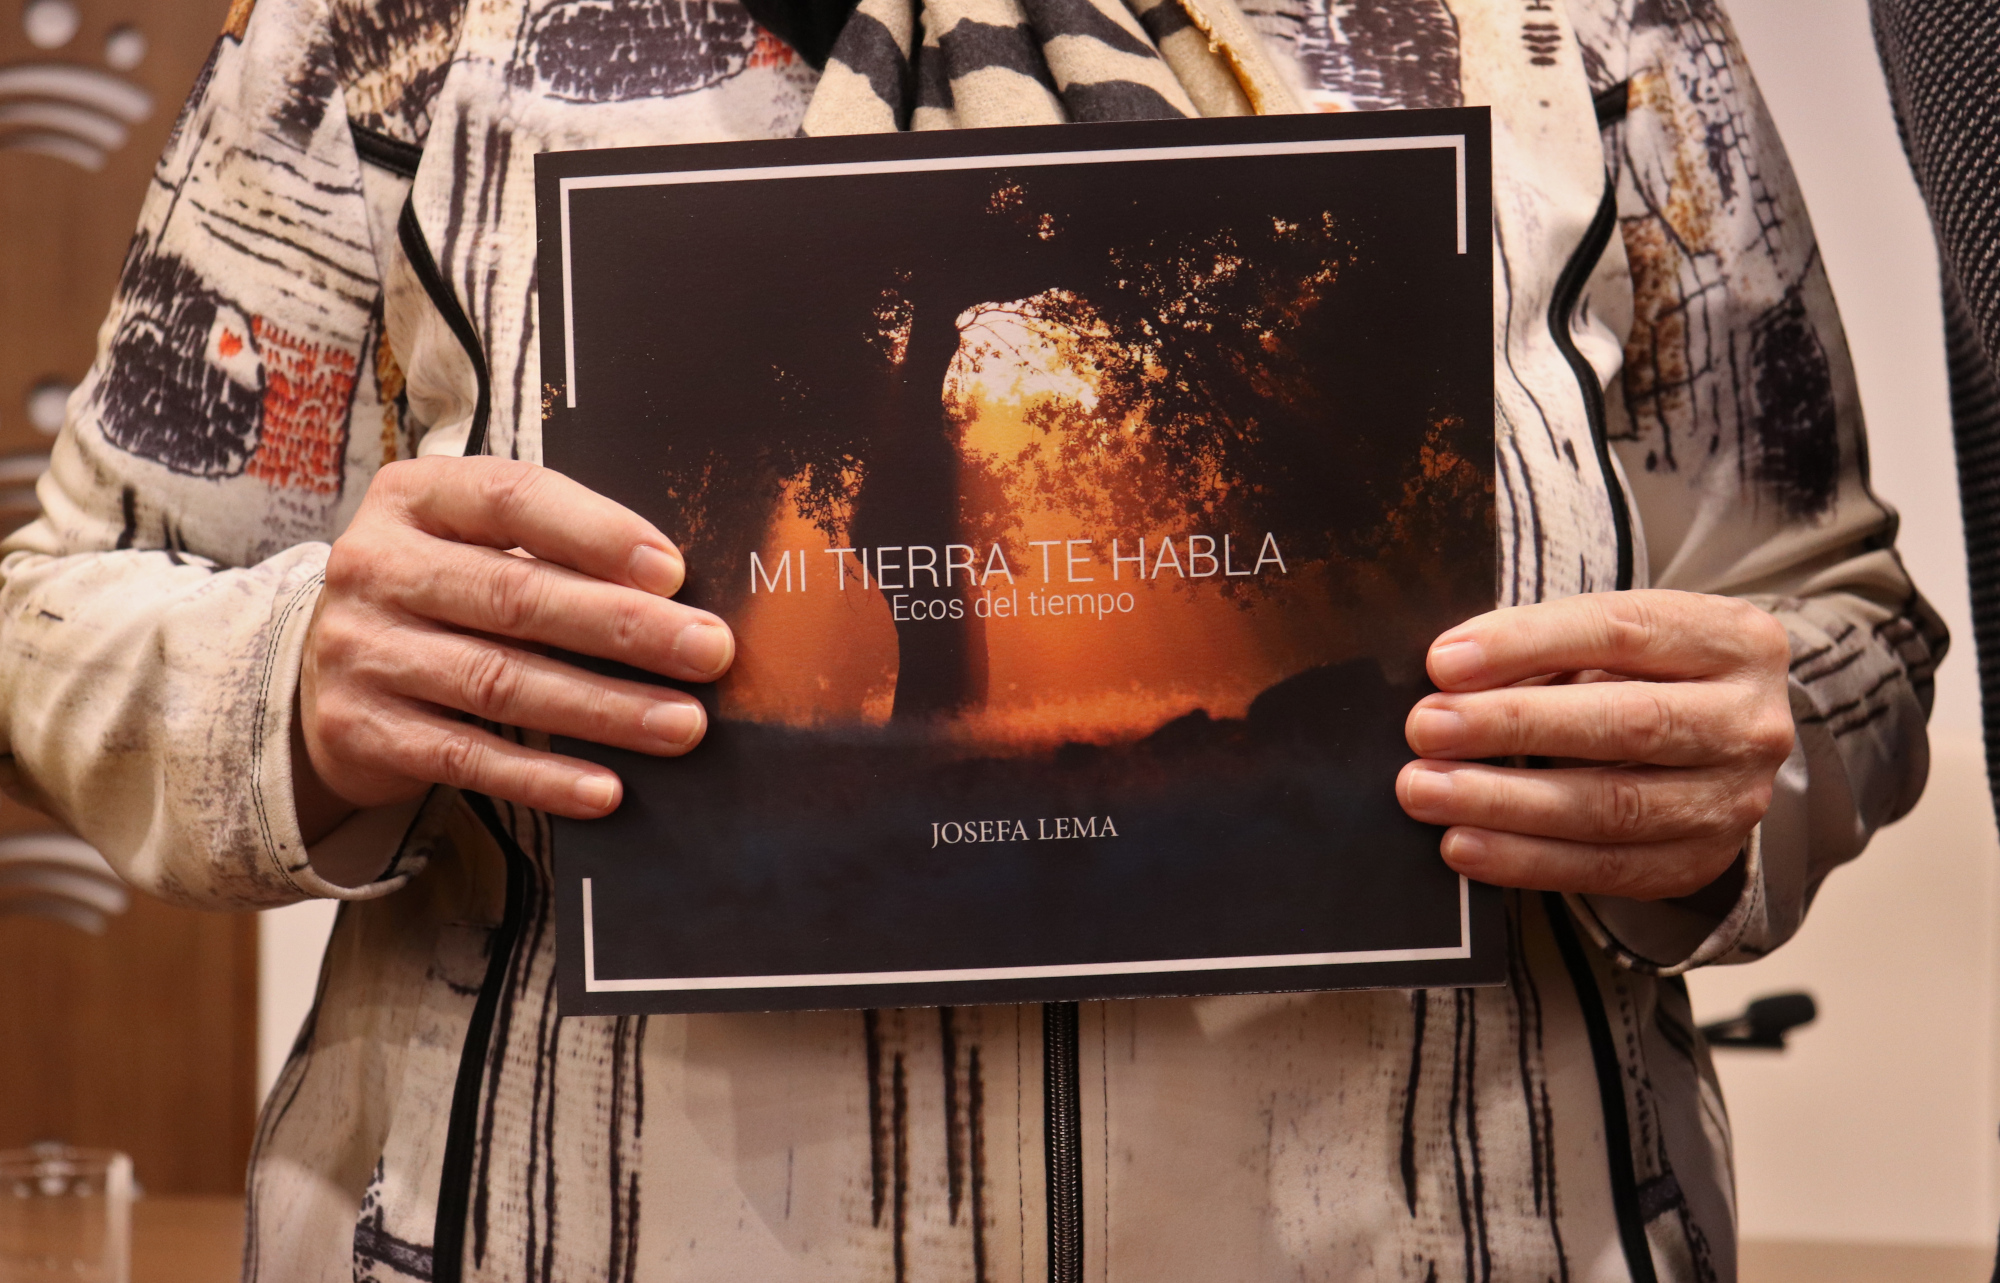 'Mi tierra te habla' a través de los poemas de Josefa Lema